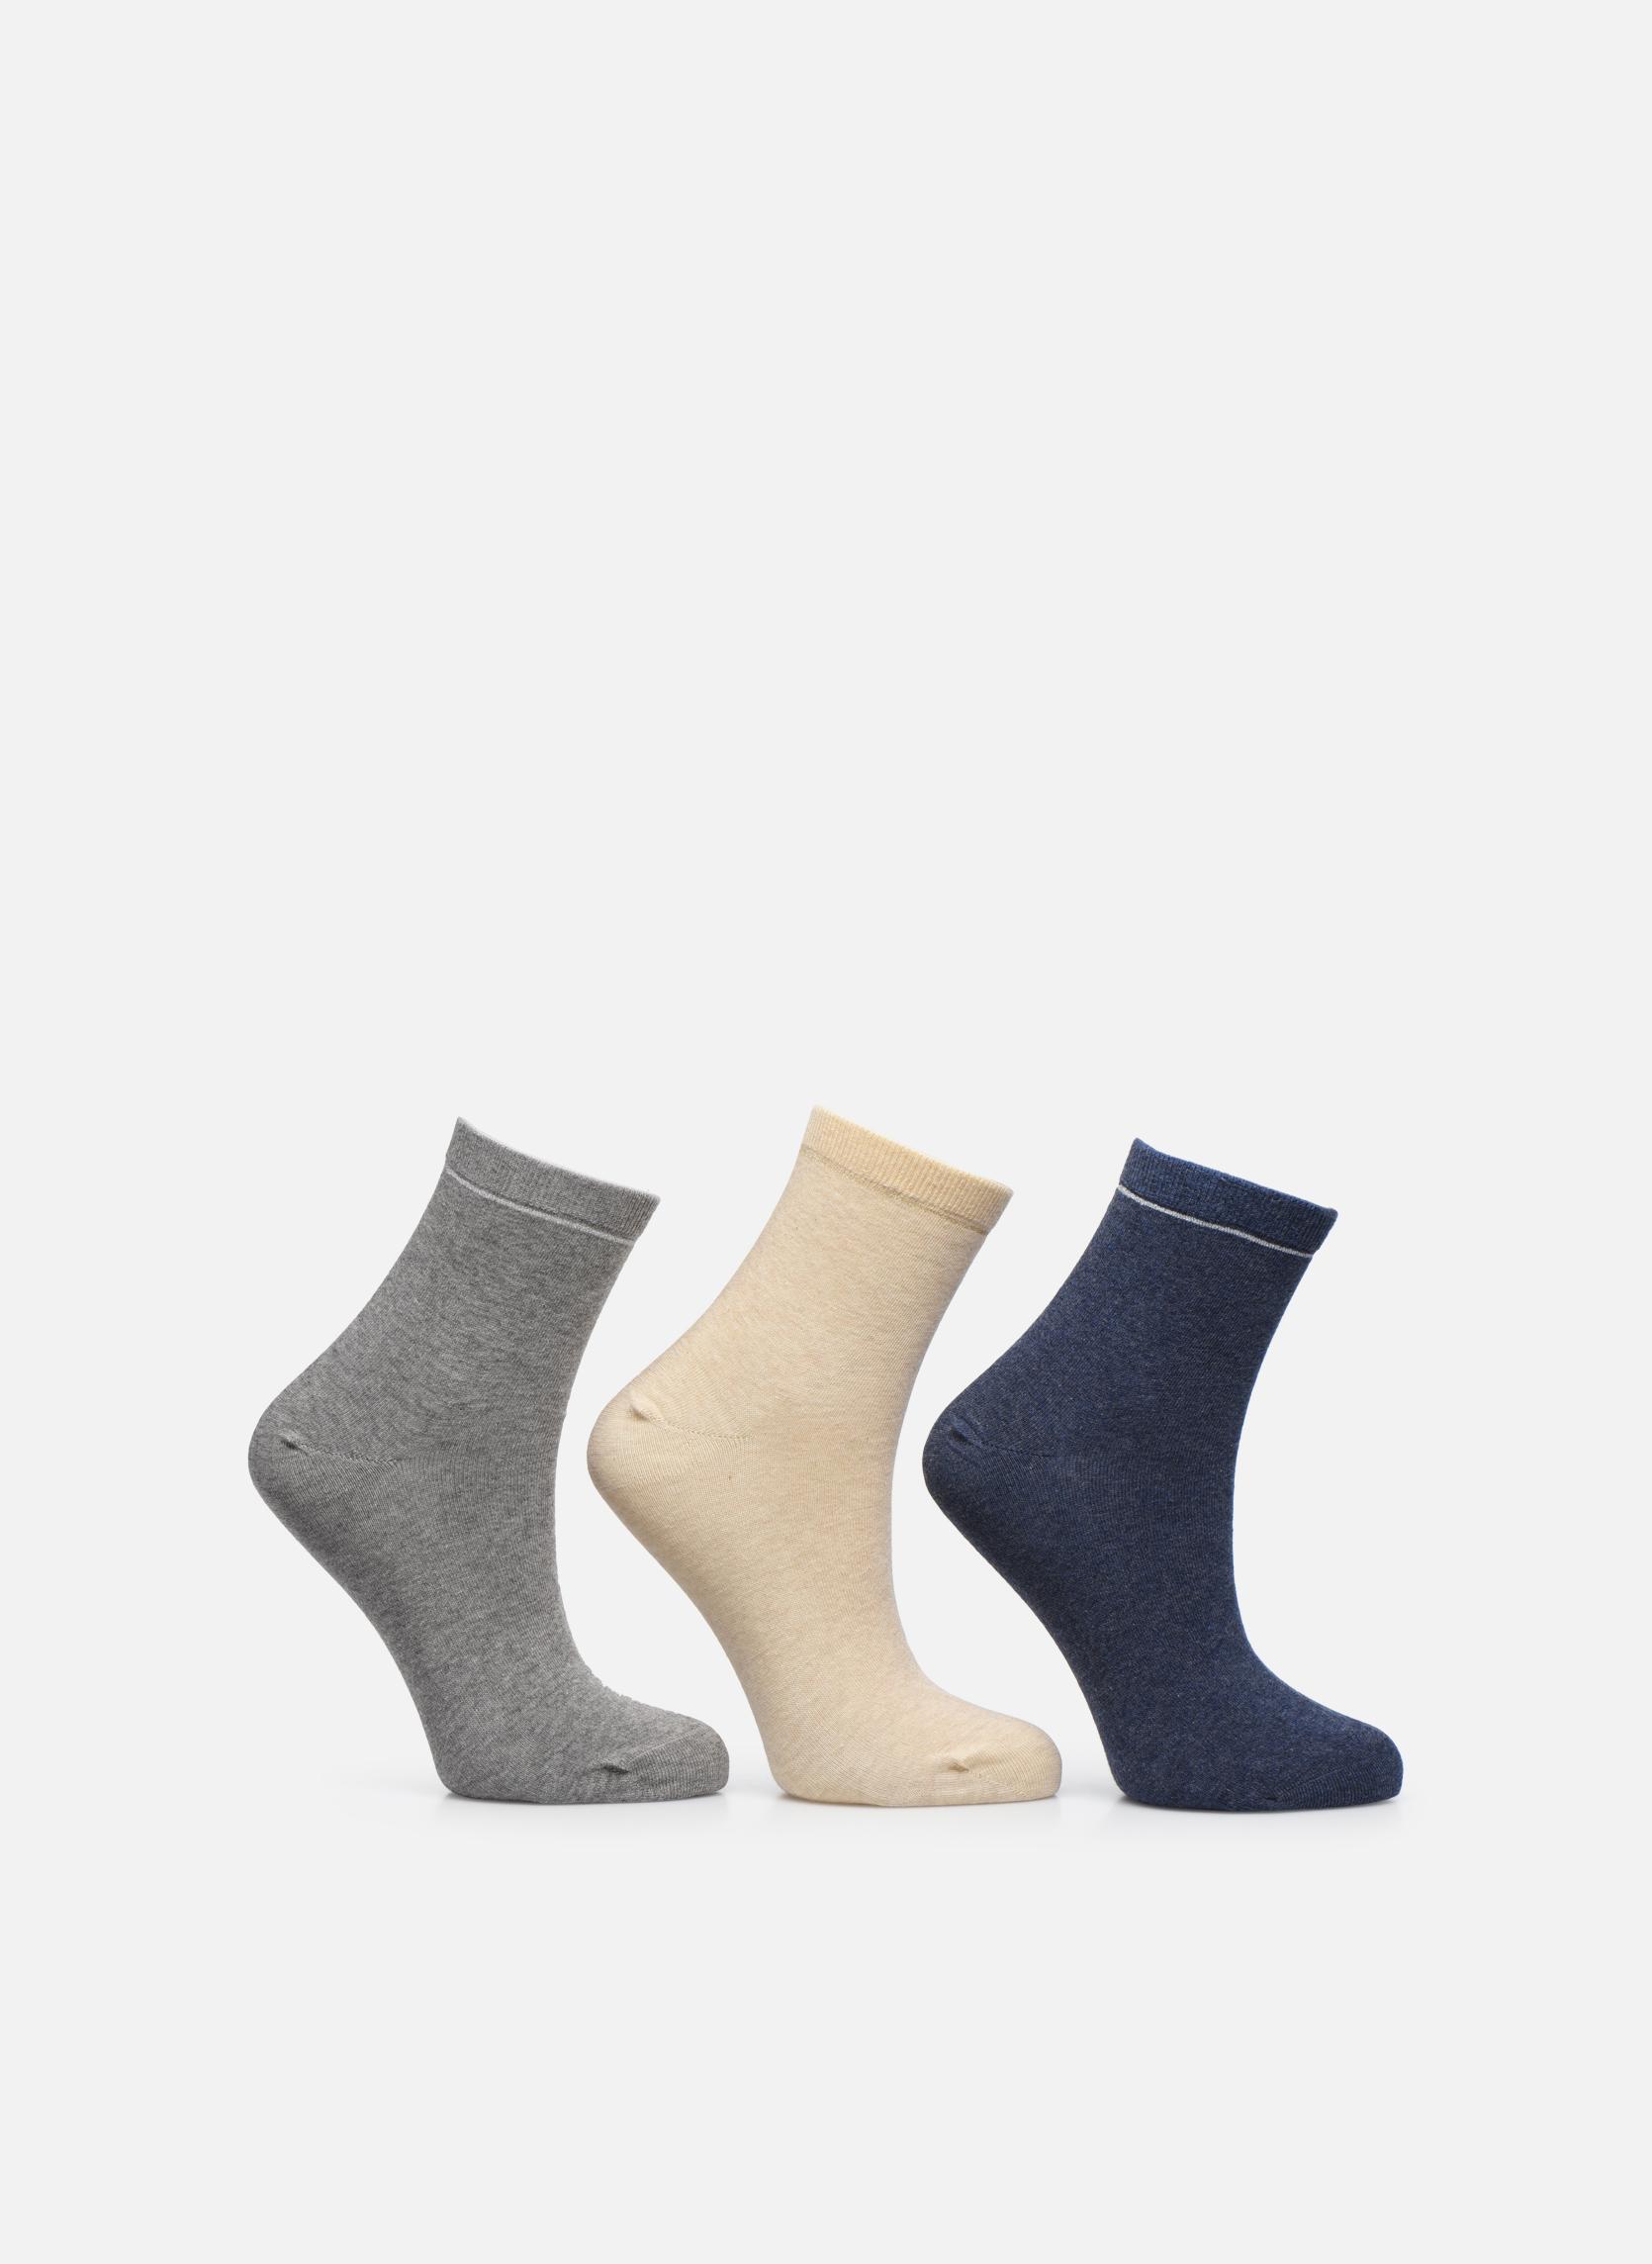 Sarenza Wear Chaussettes unies Pack de 3 femme coton